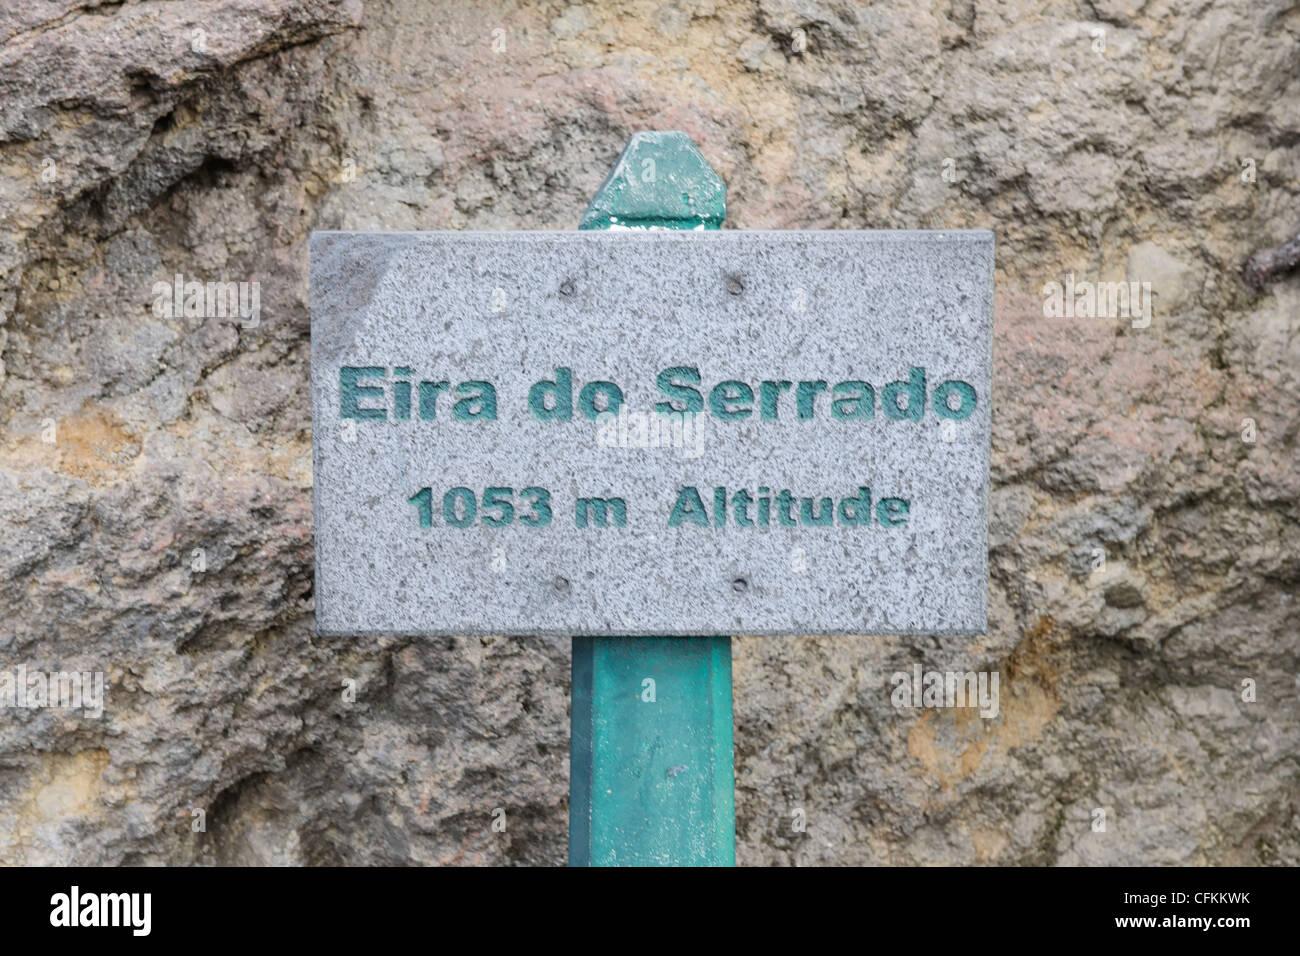 Altitude sign Eira do Serrado Madeira Portugal - Stock Image